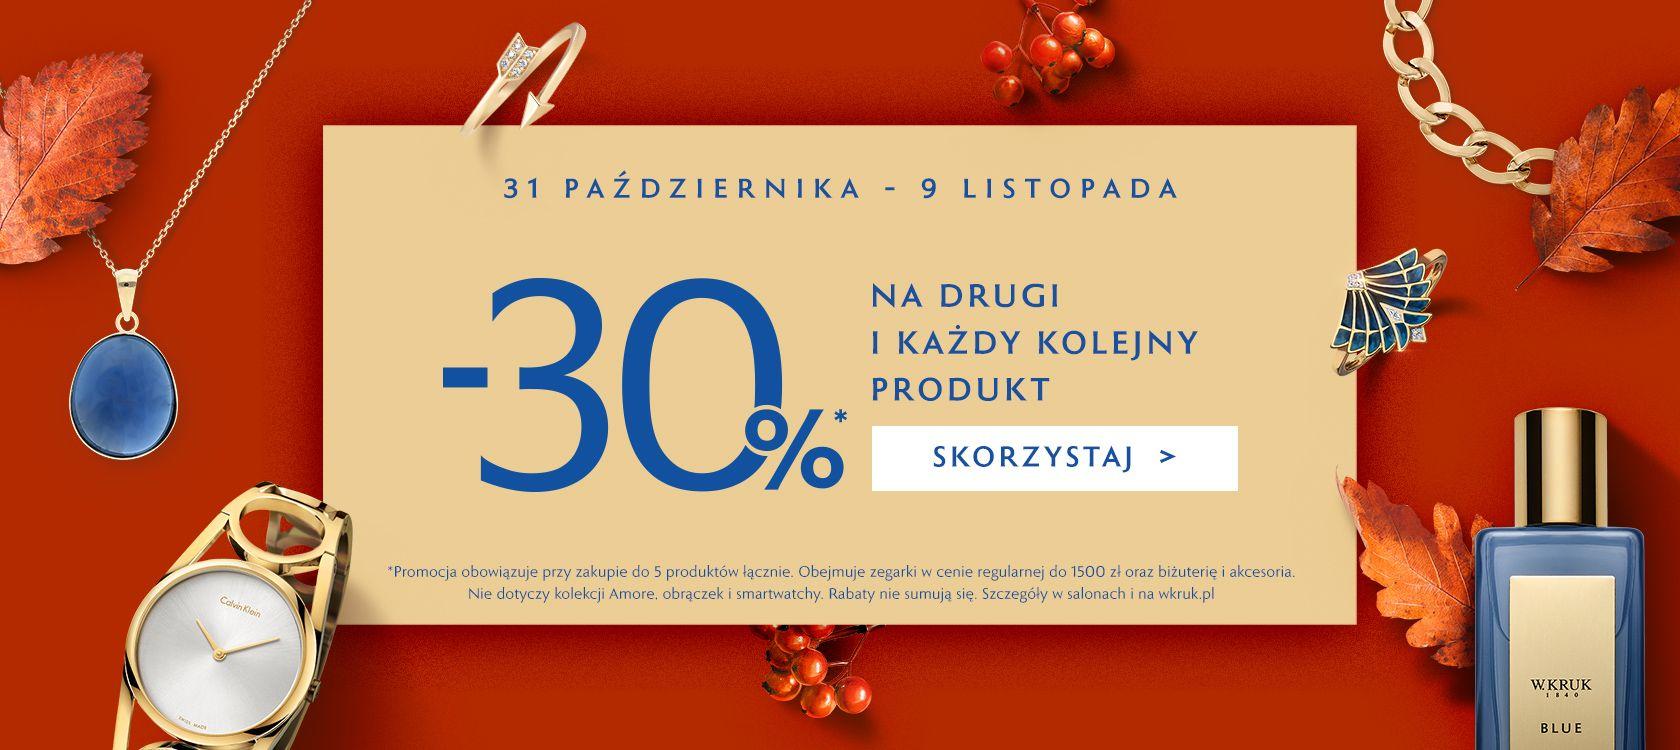 W.KRUK -30% na drugi i kolejny produkt